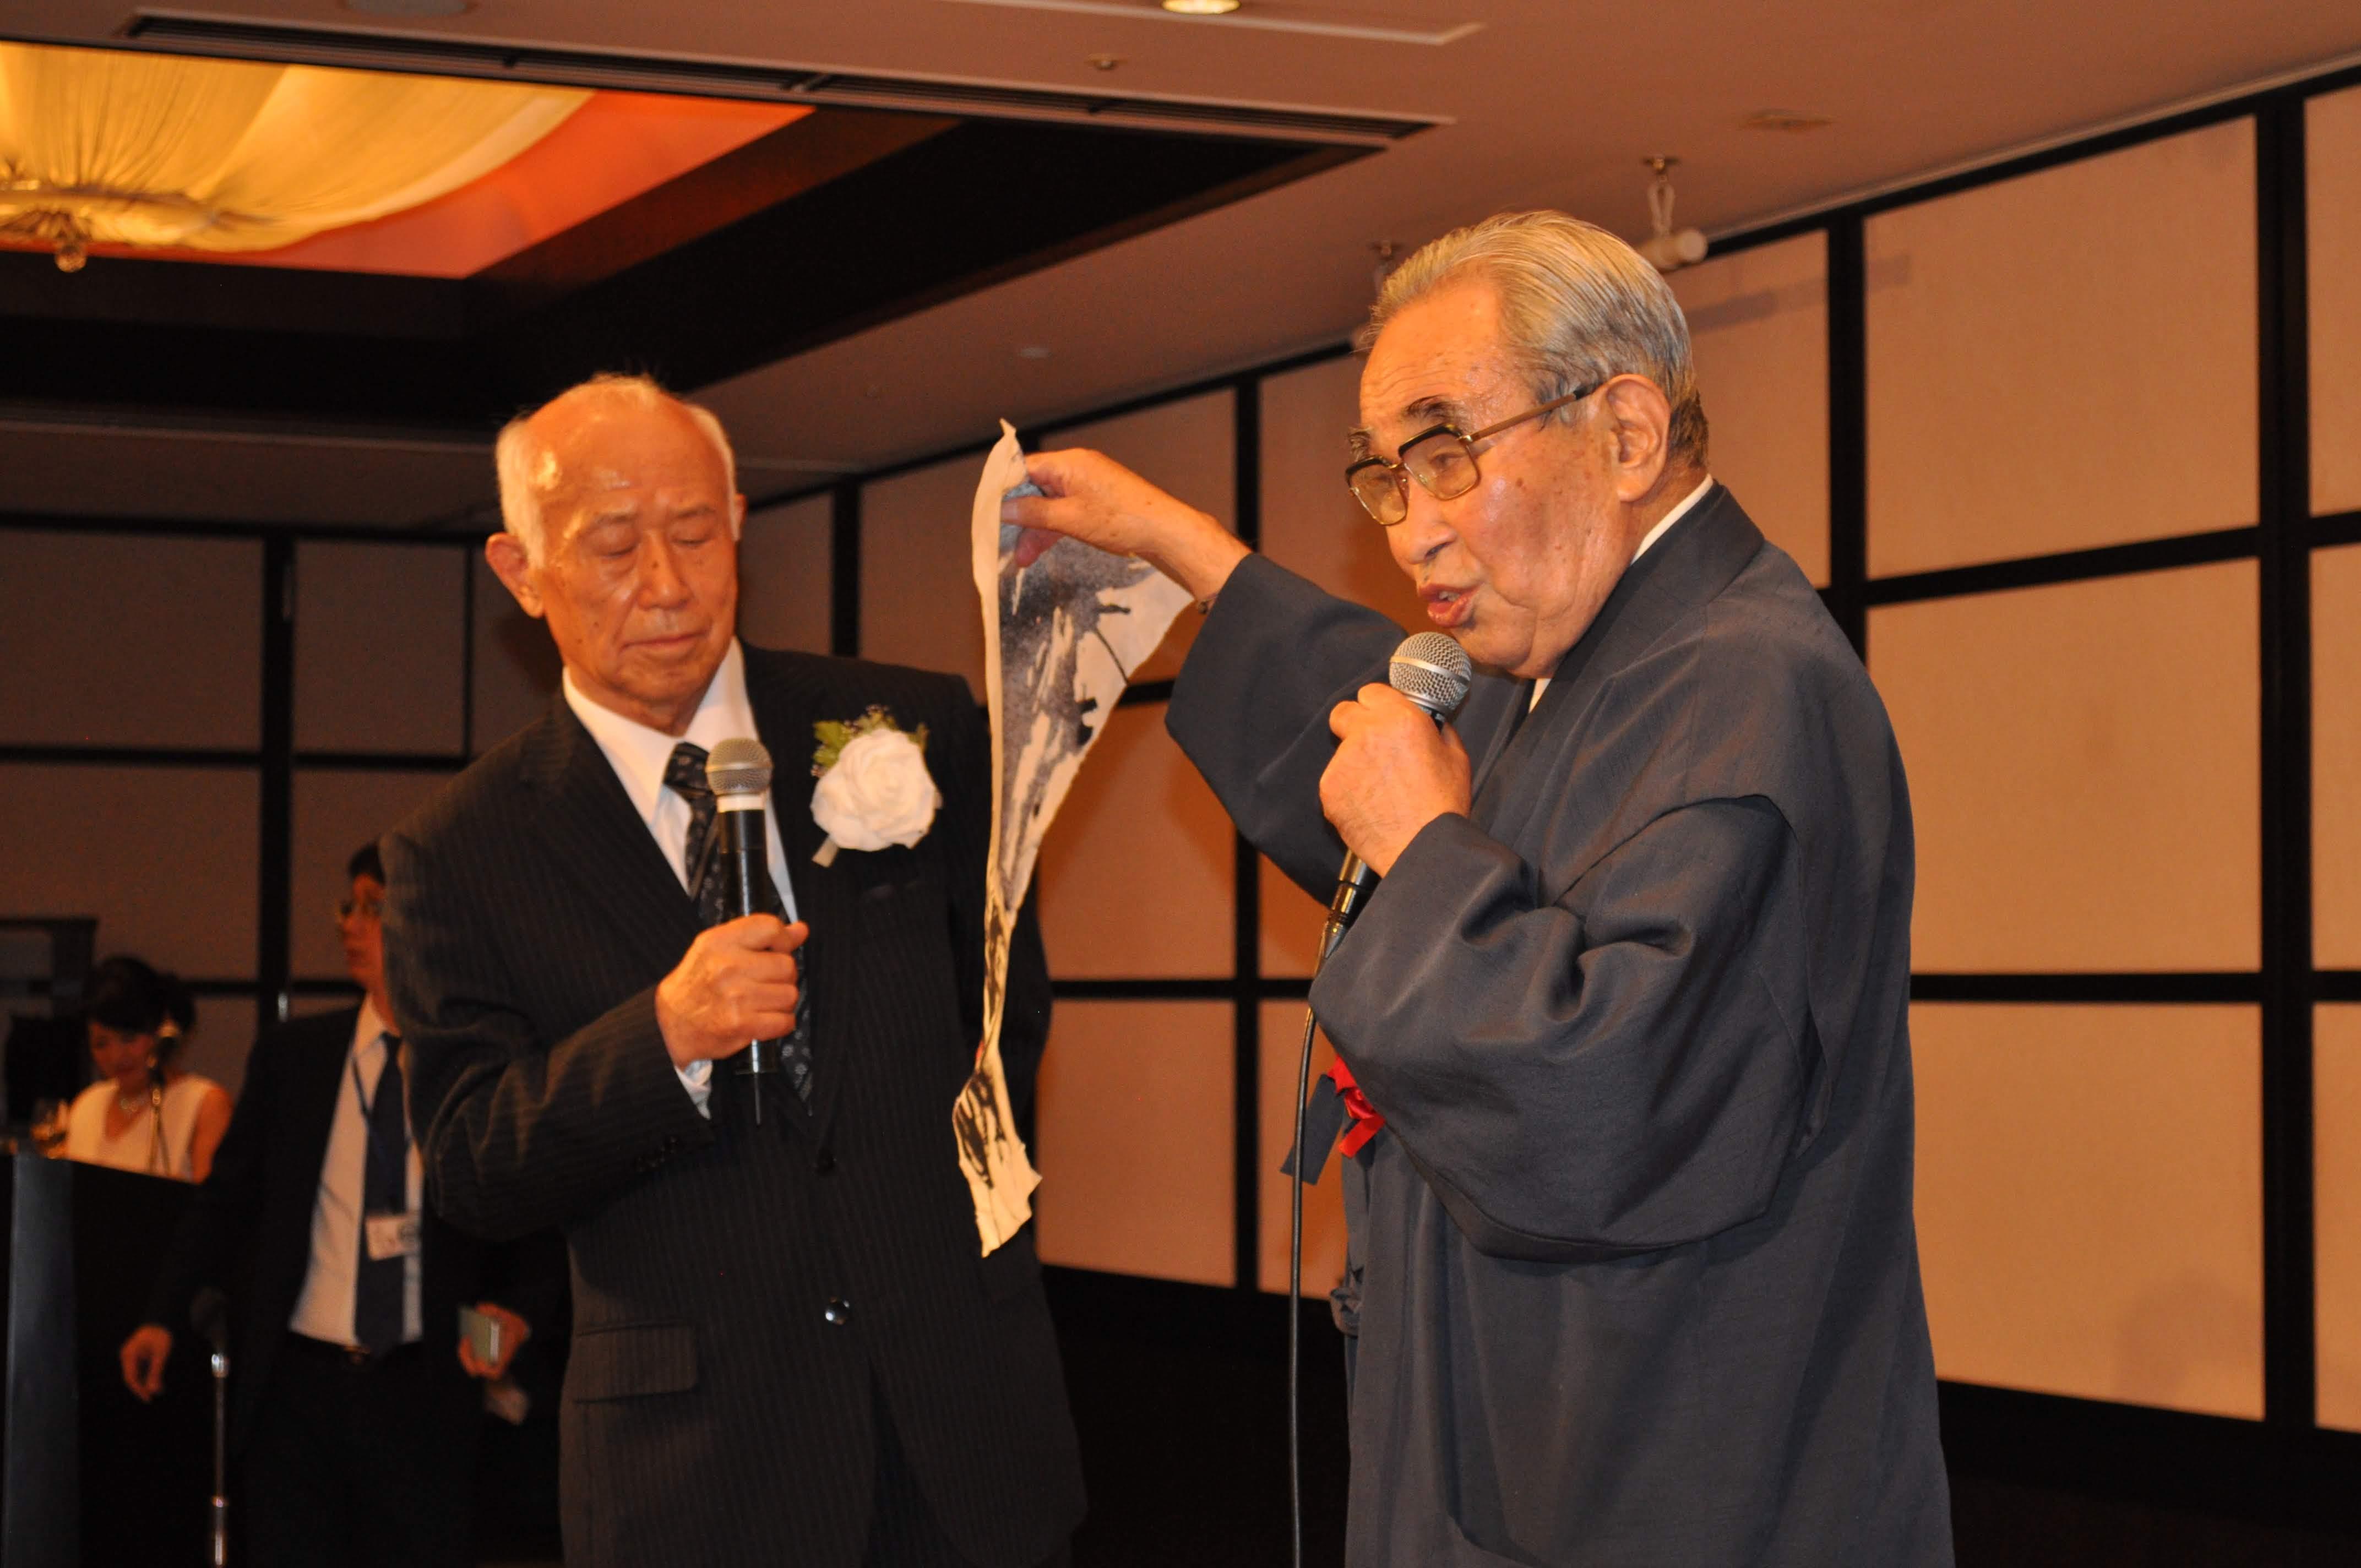 DSC 0561 1 - 思風会全国大会in広島